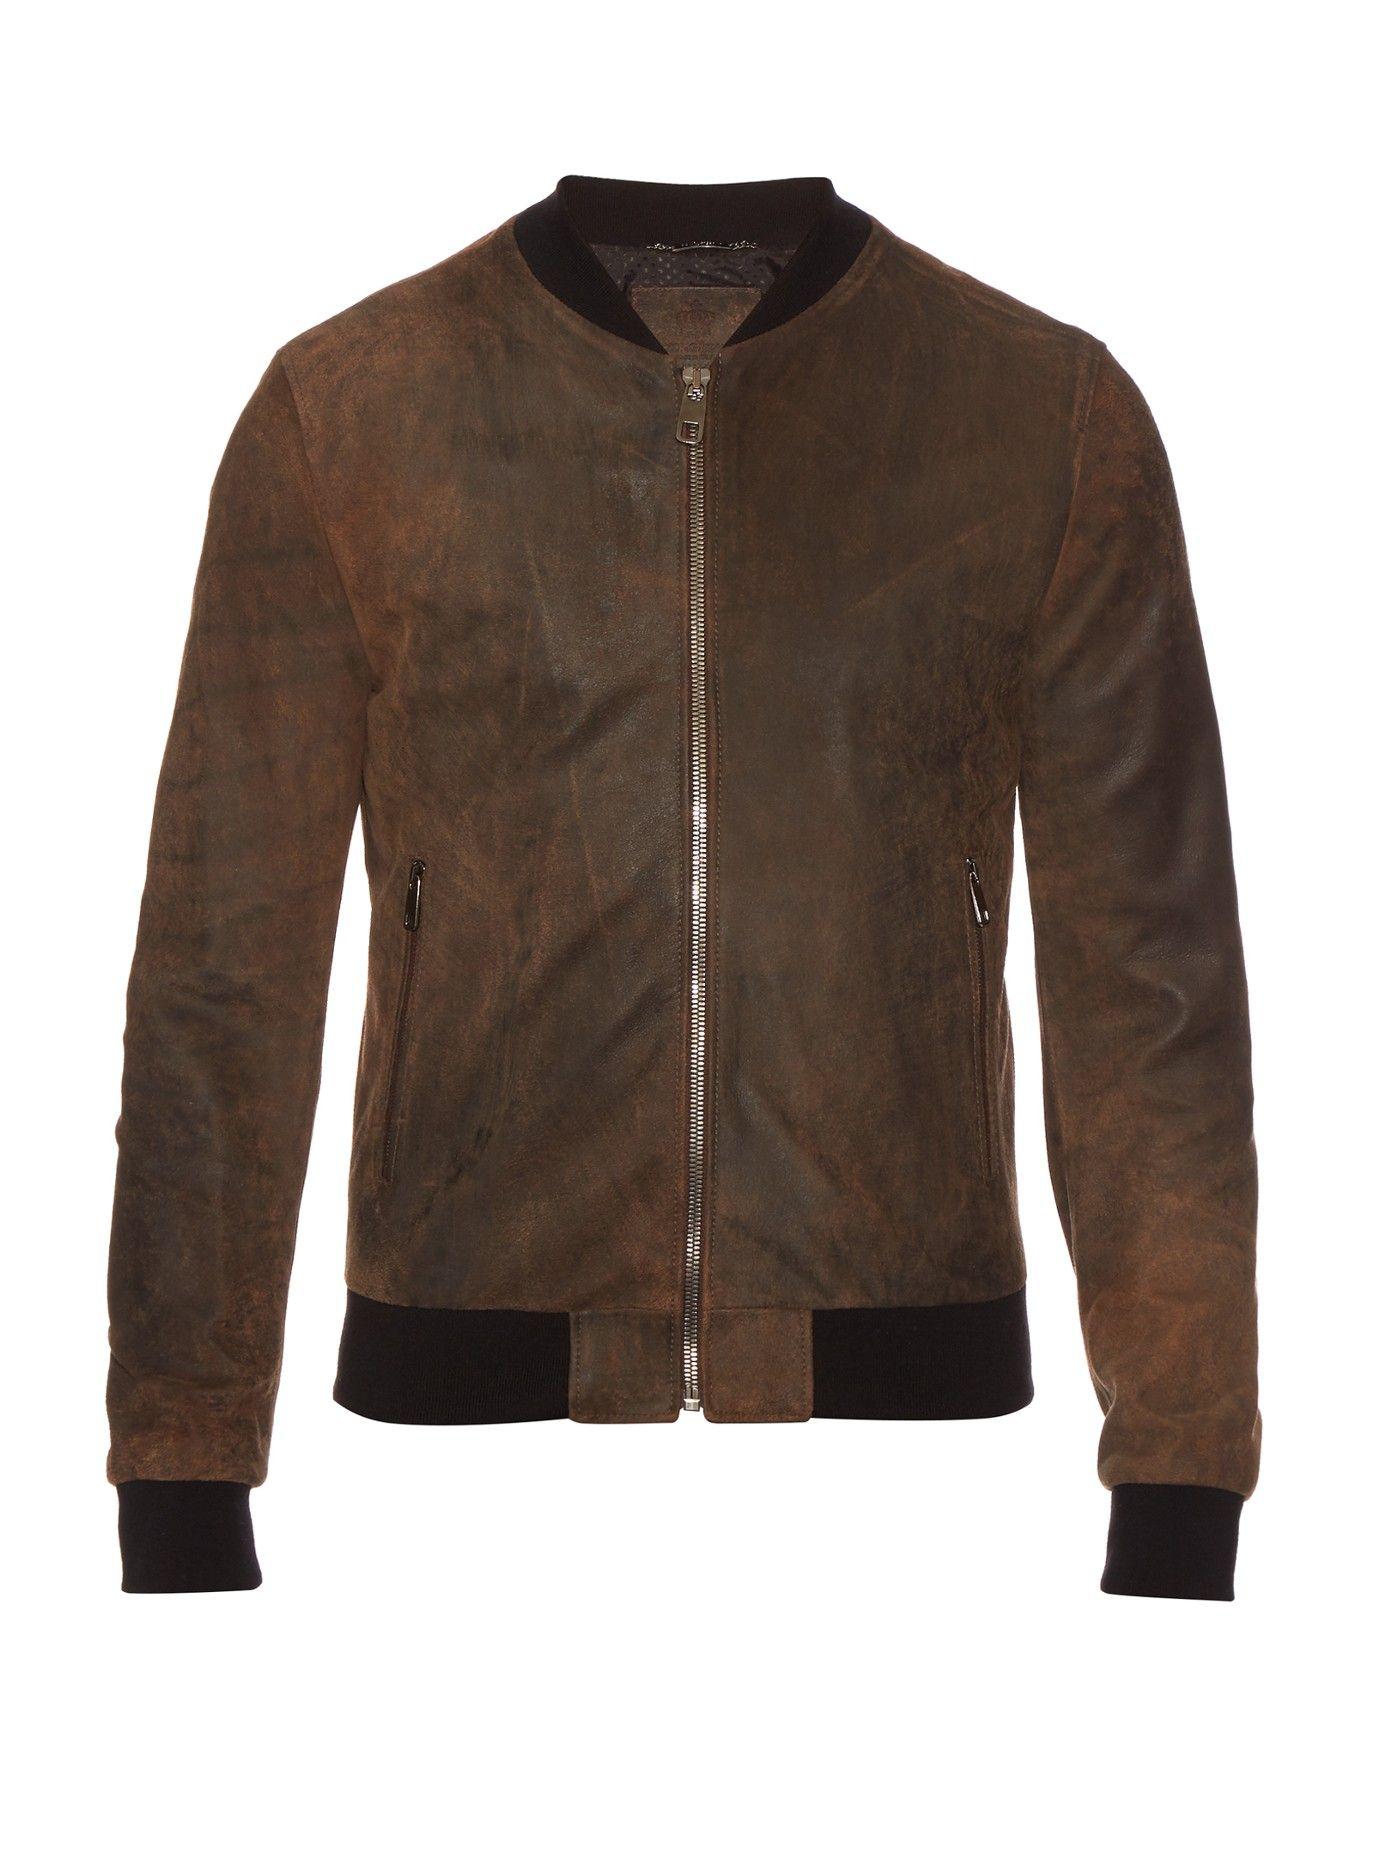 Suede Bomber Jacket Dolce Gabbana Matchesfashion Com Uk Suede Bomber Jacket Suede Bomber Jacket Men Brown Leather Bomber Jacket [ jpg ]